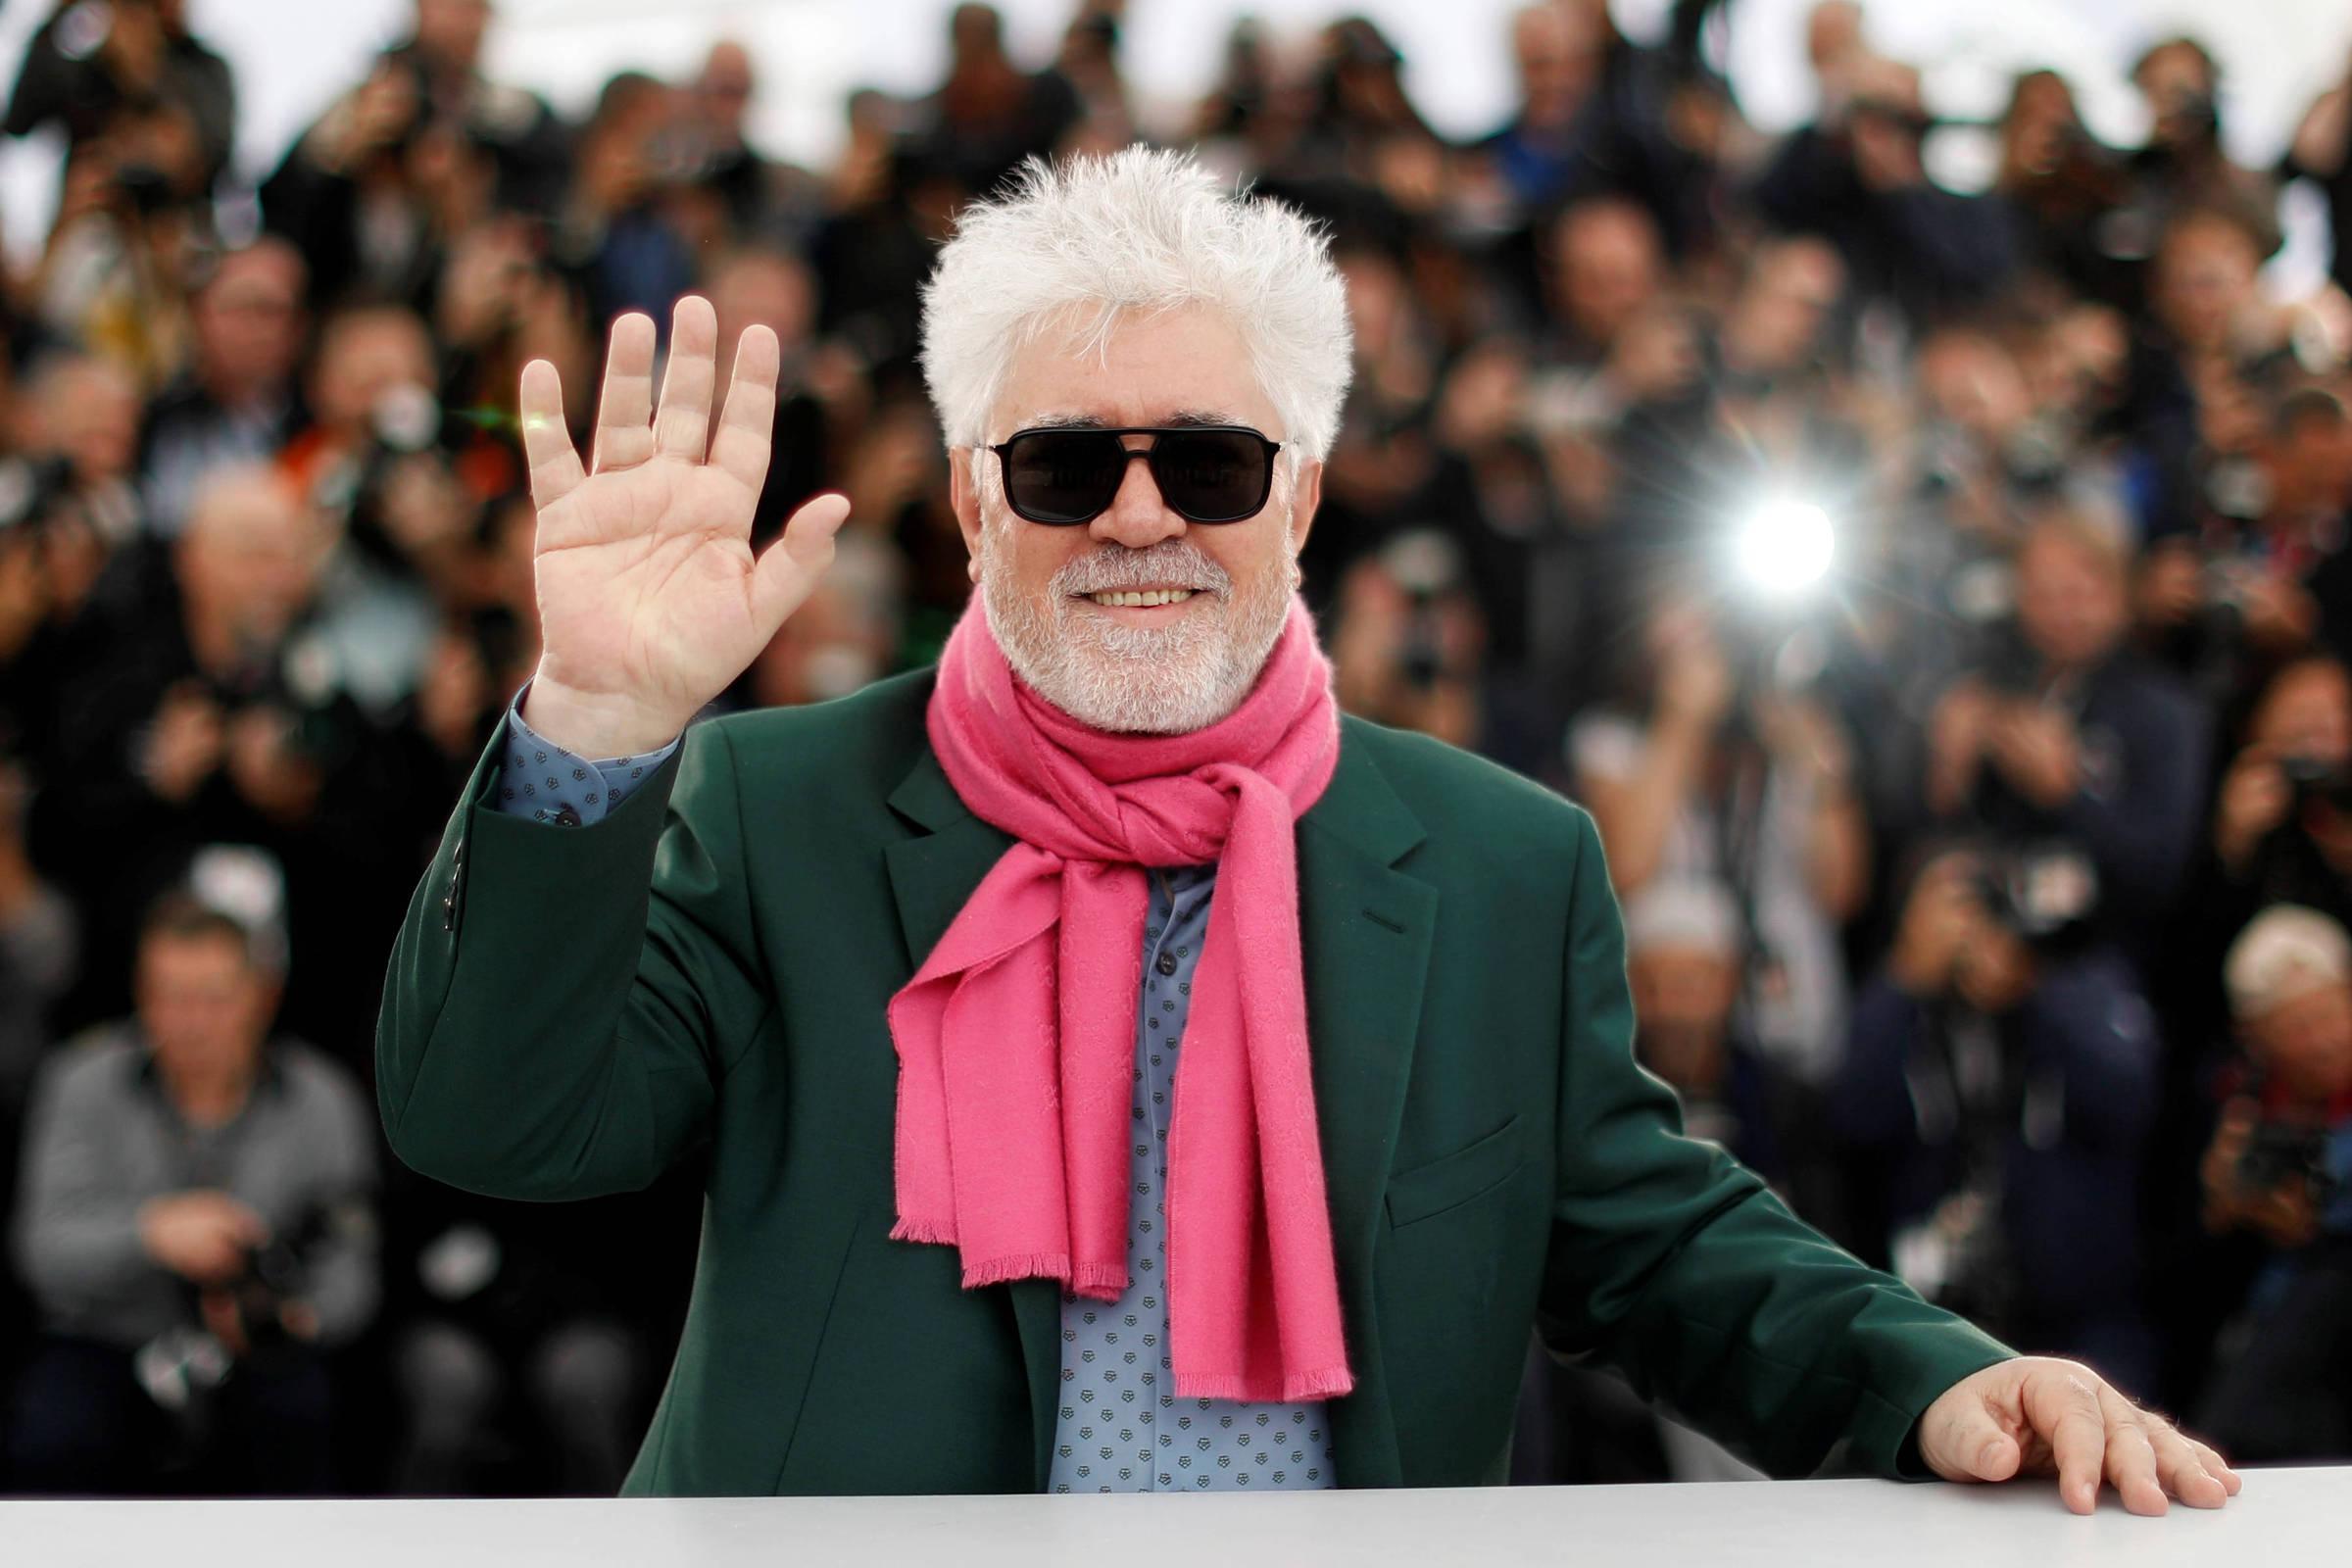 Aos 69, Pedro Almodóvar Se Aventura Pela Primeira Vez Na